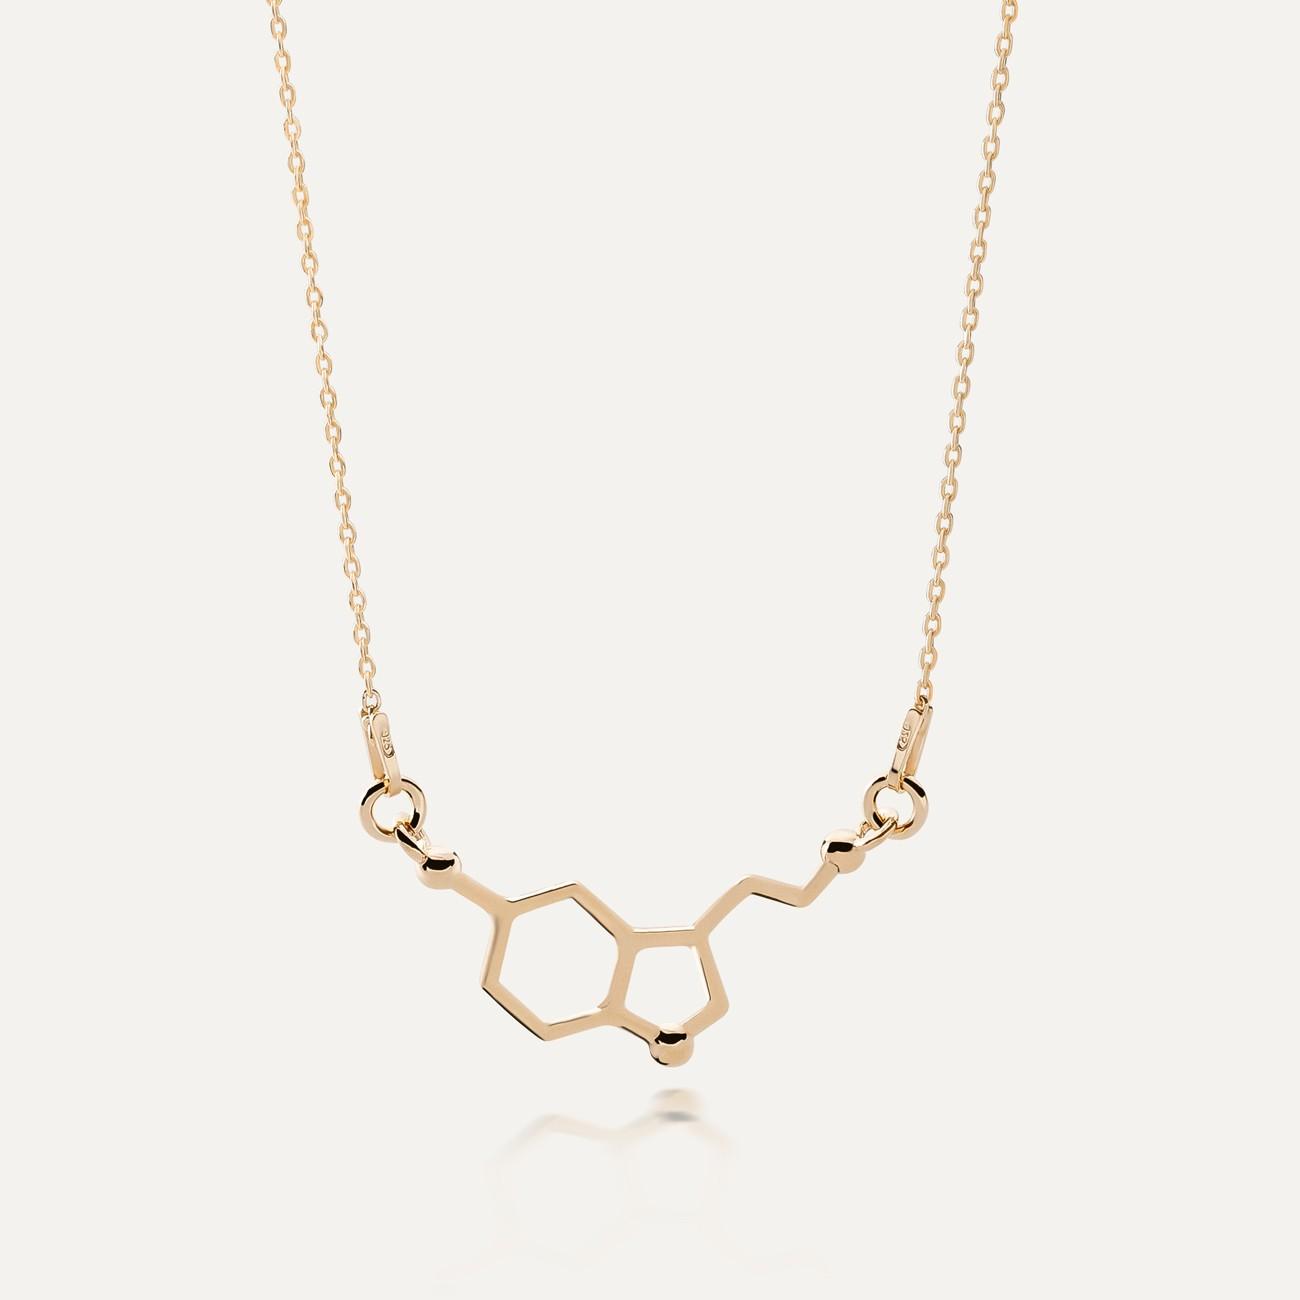 Necklace serotonin chemical formula